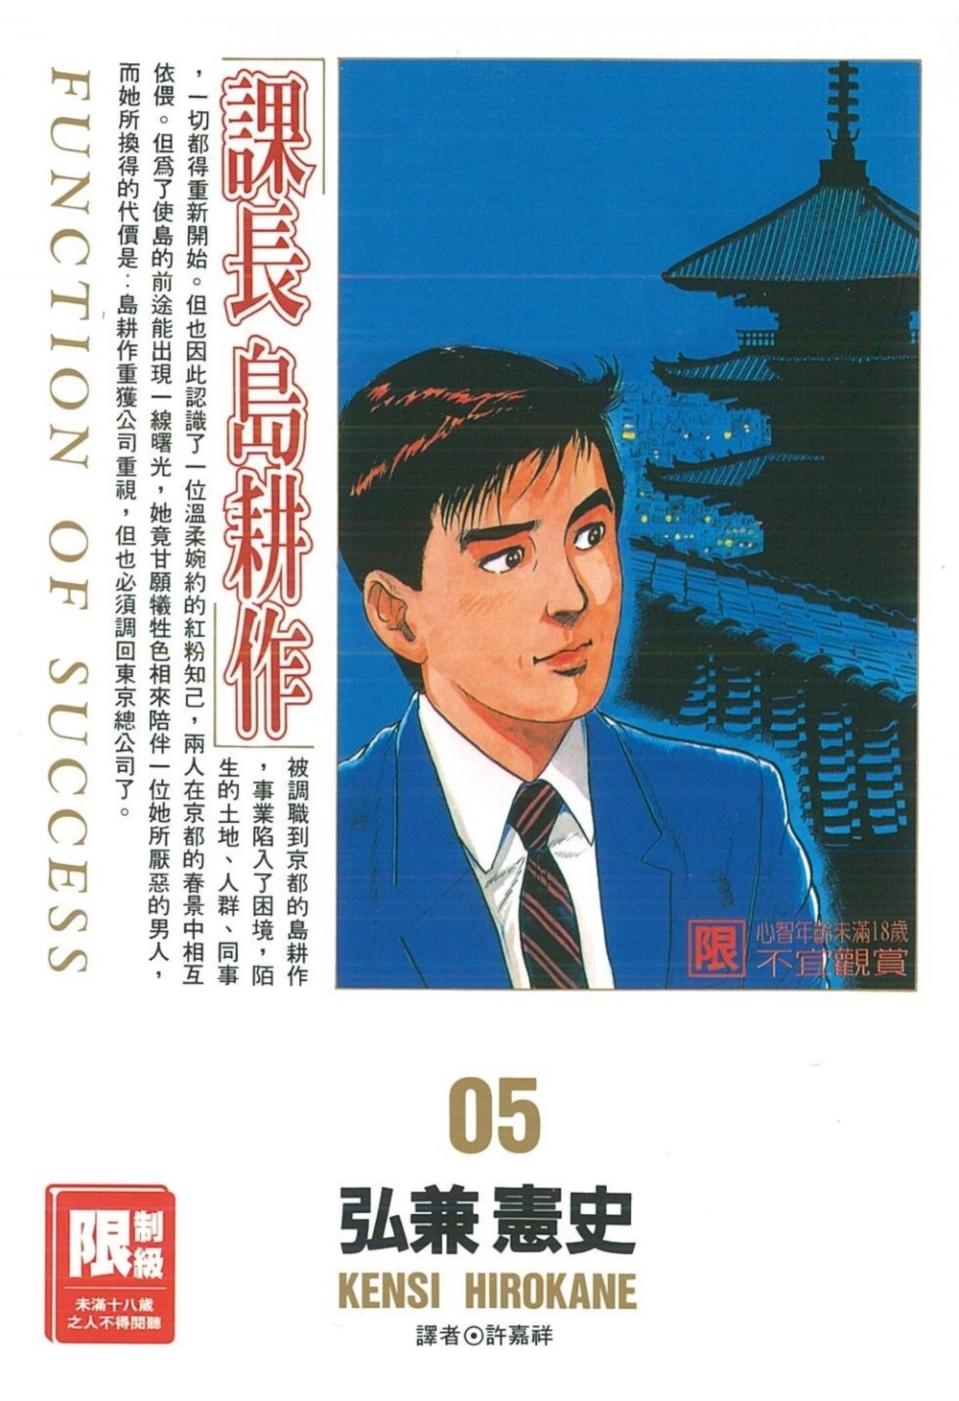 課長島耕作(05)(限)(限台...